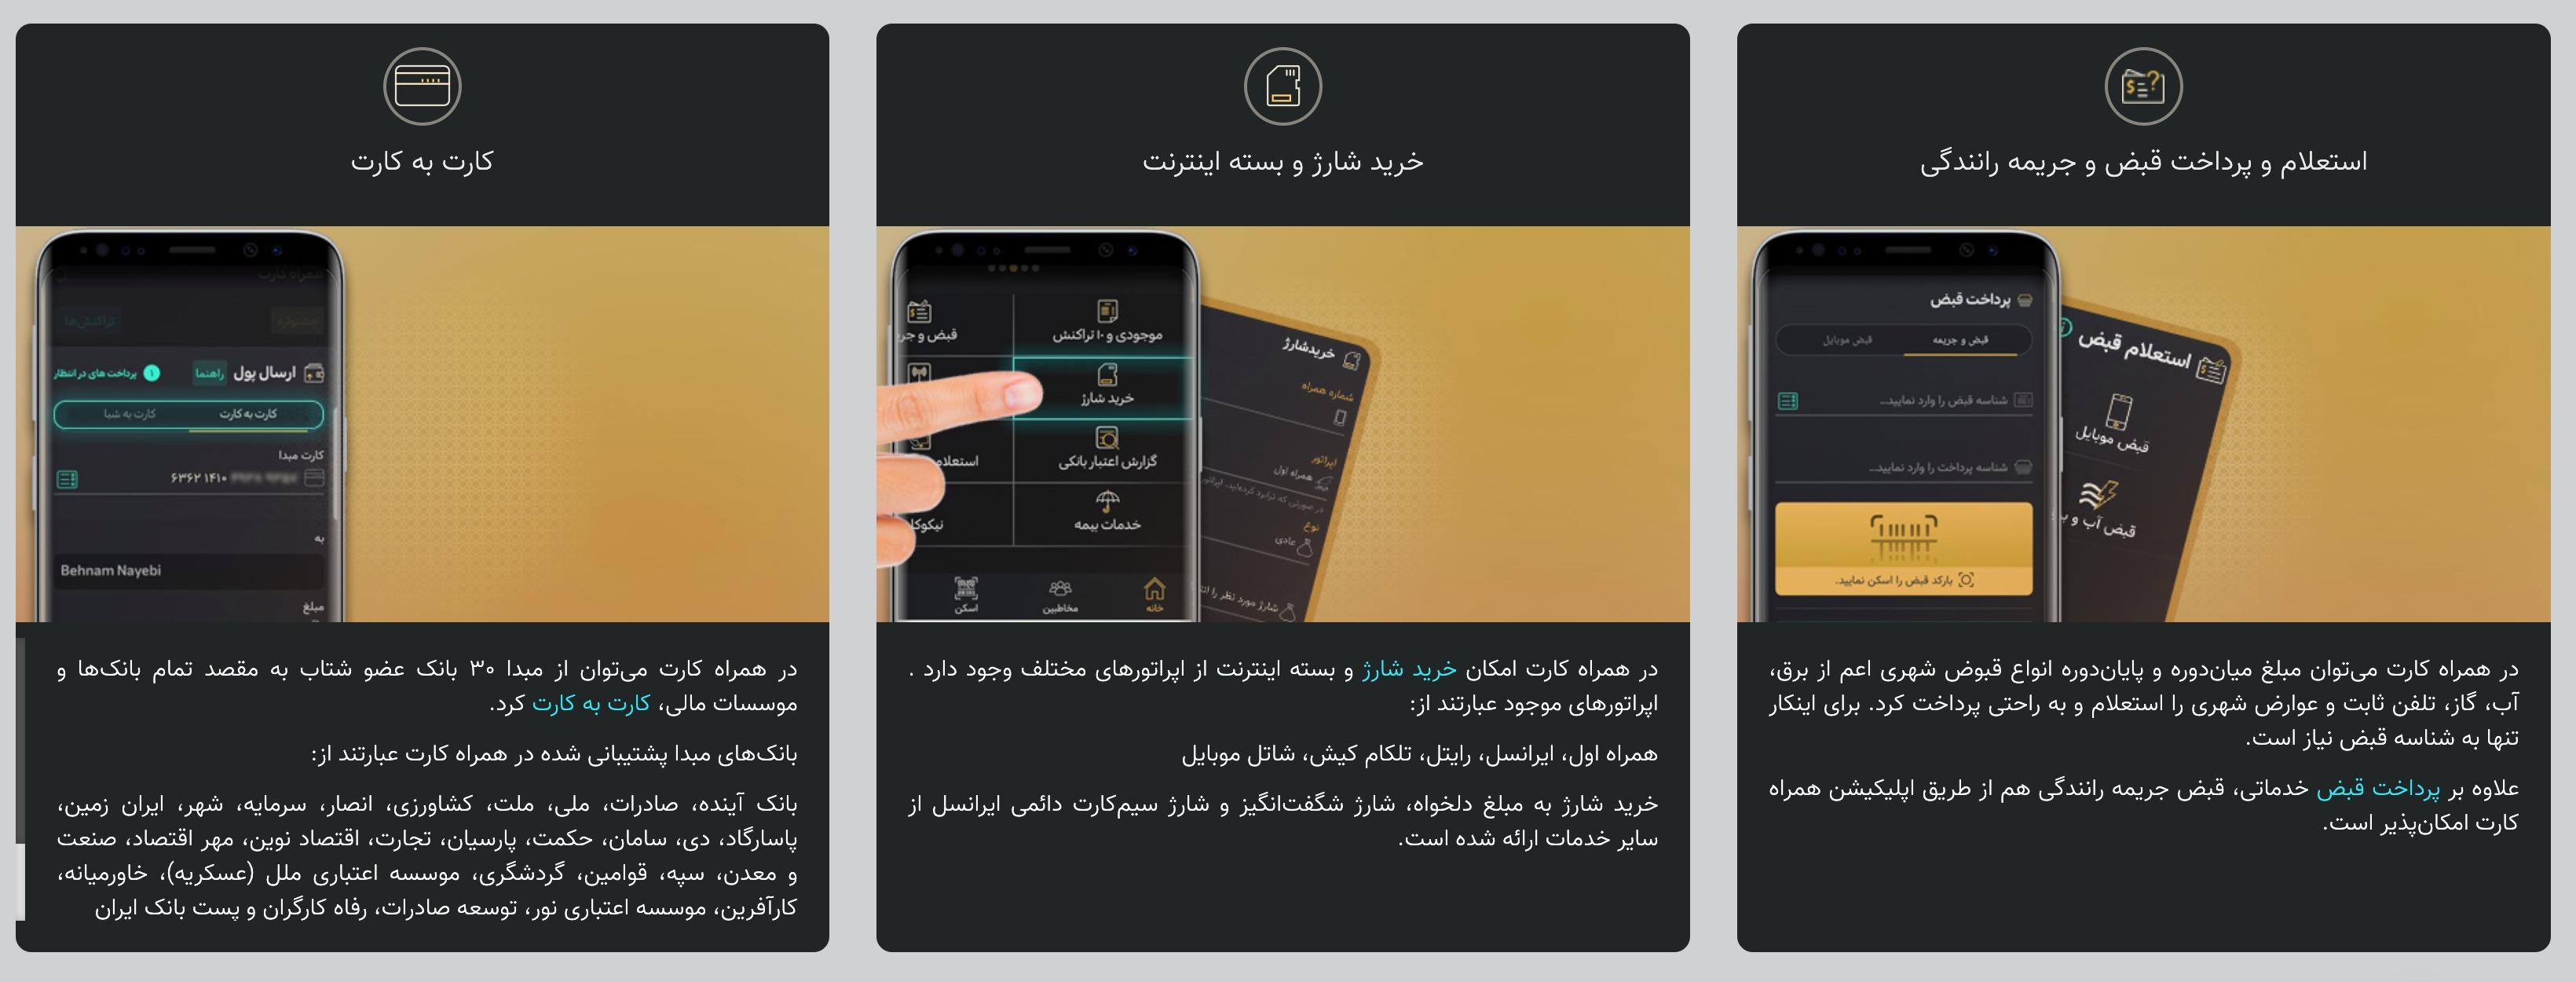 انجام کارهای بانکی با موبایل از طریق اپلیکیشن همراه بانک در زمان شیوع اپیدمی #کرونا 3